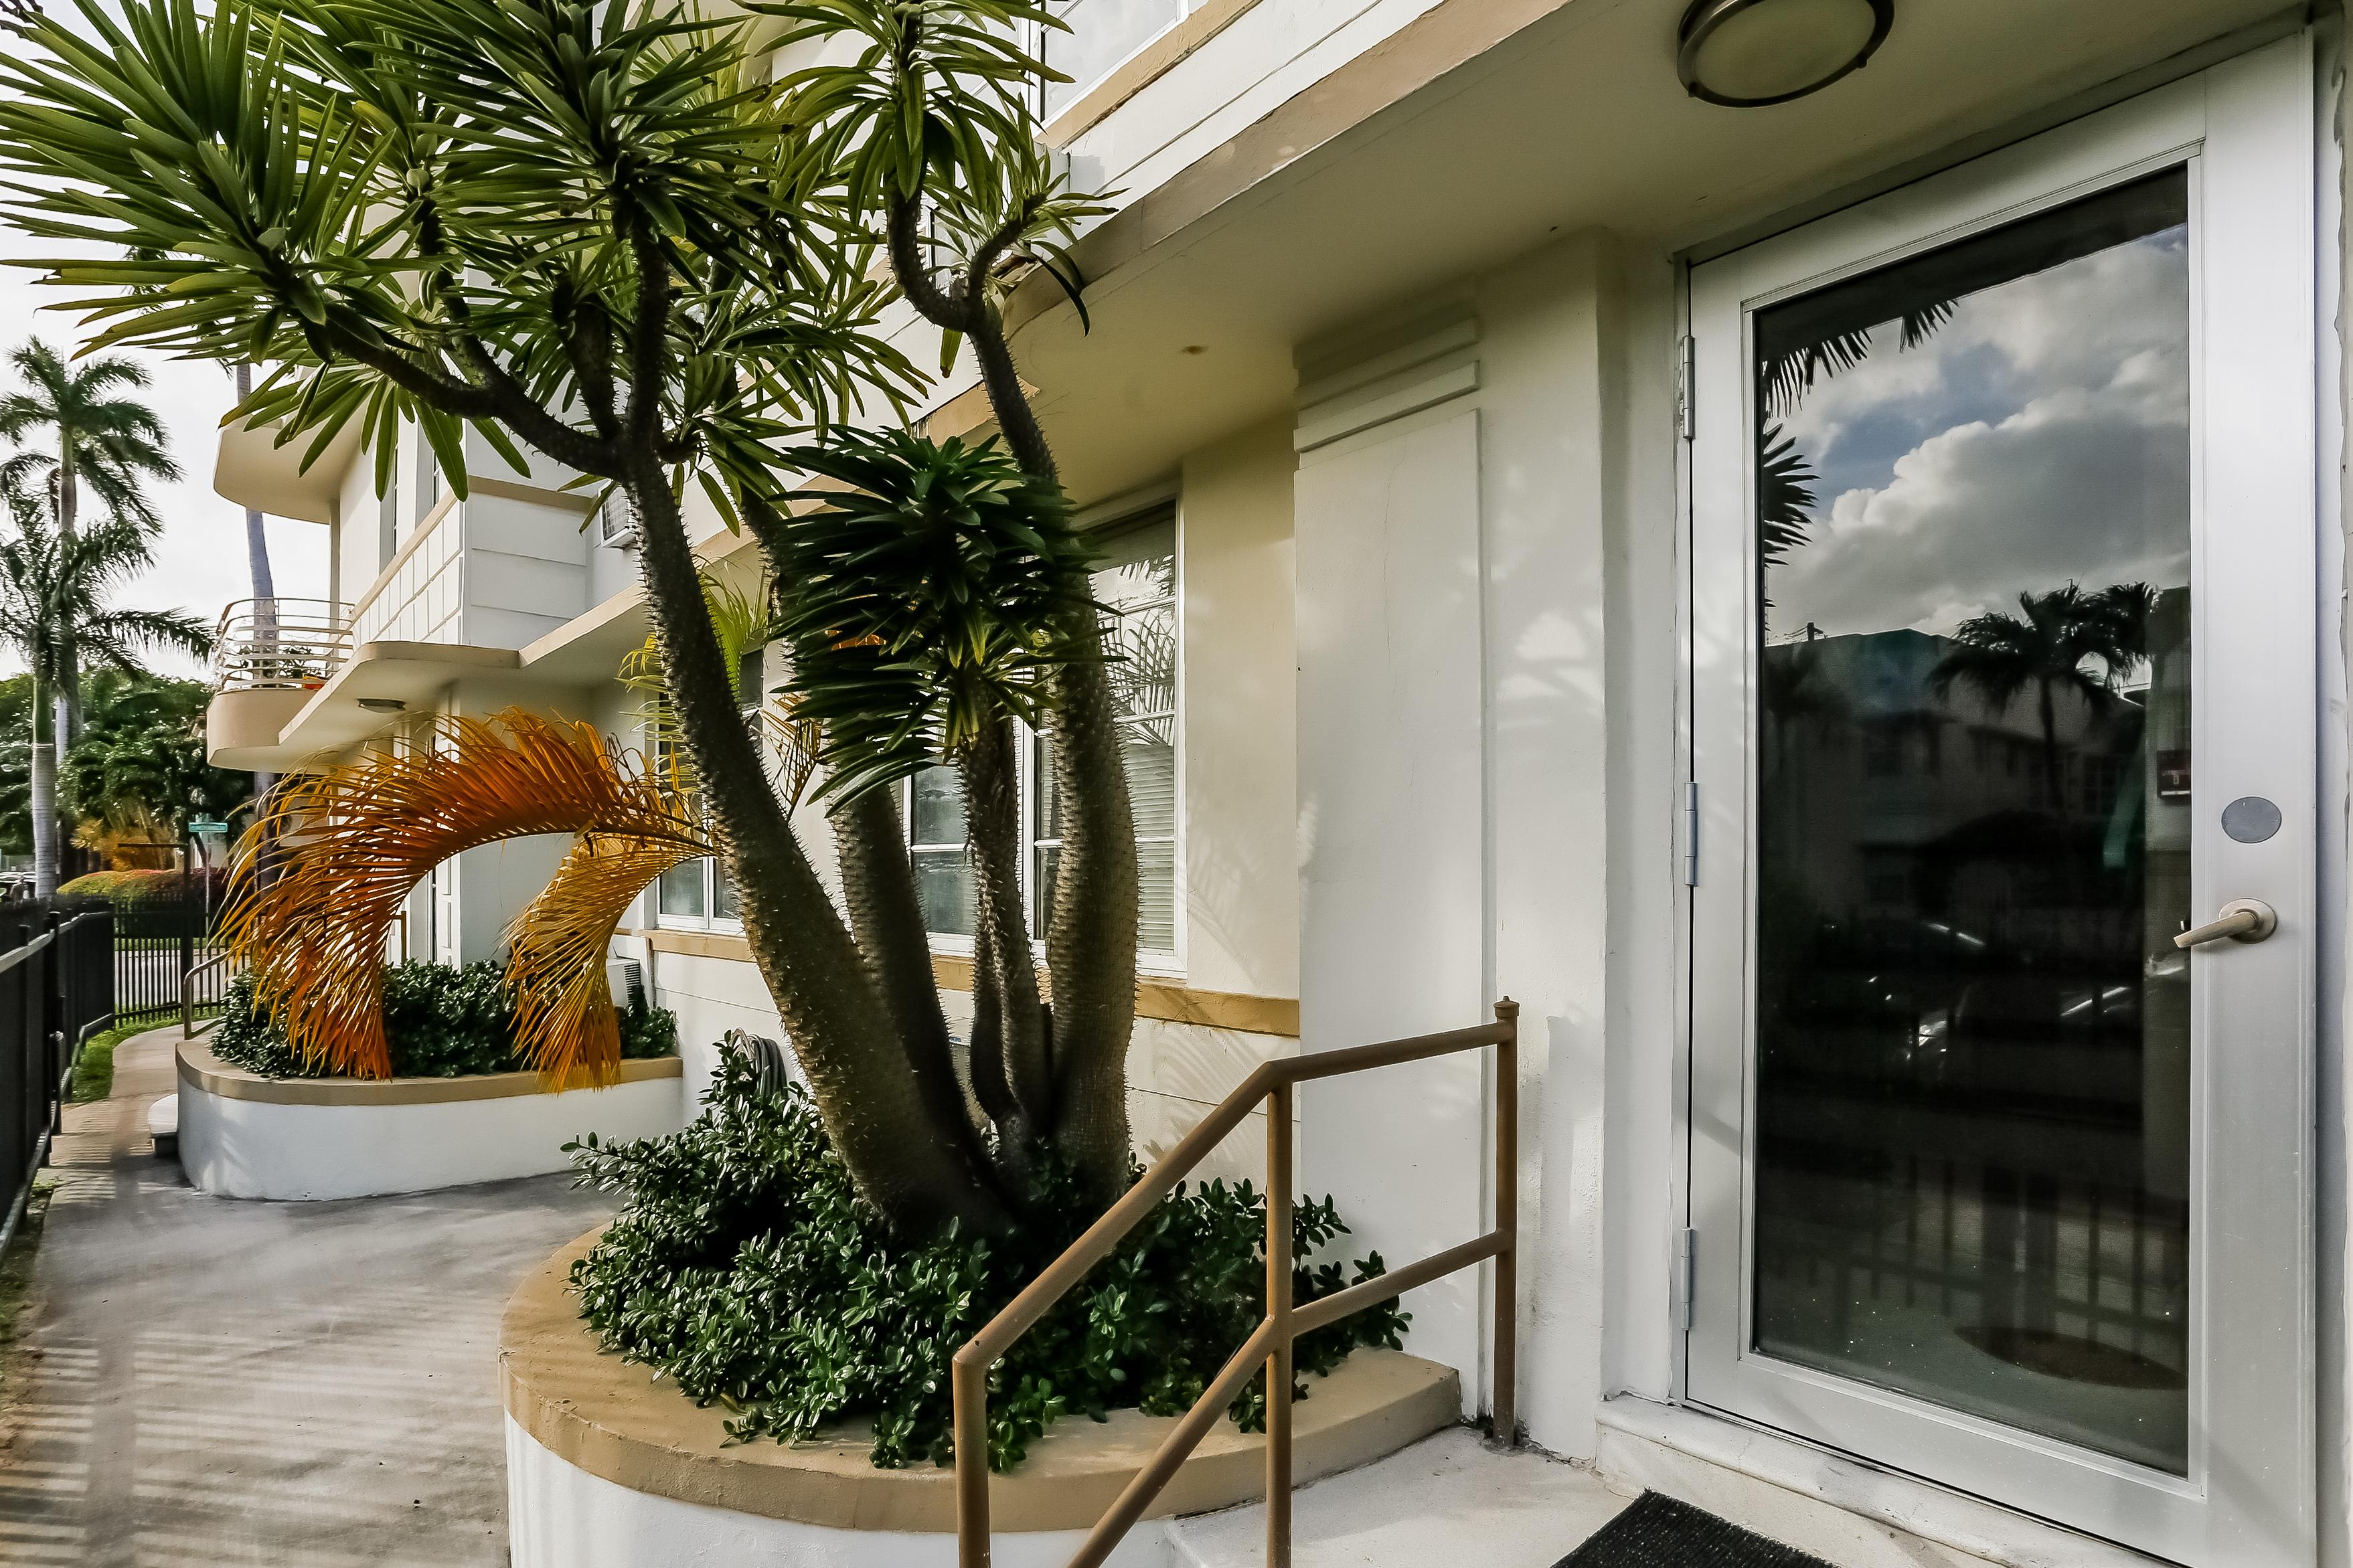 Residencial - Outro para Venda às 529 15th St Miami Beach, Florida, 33139 Estados Unidos